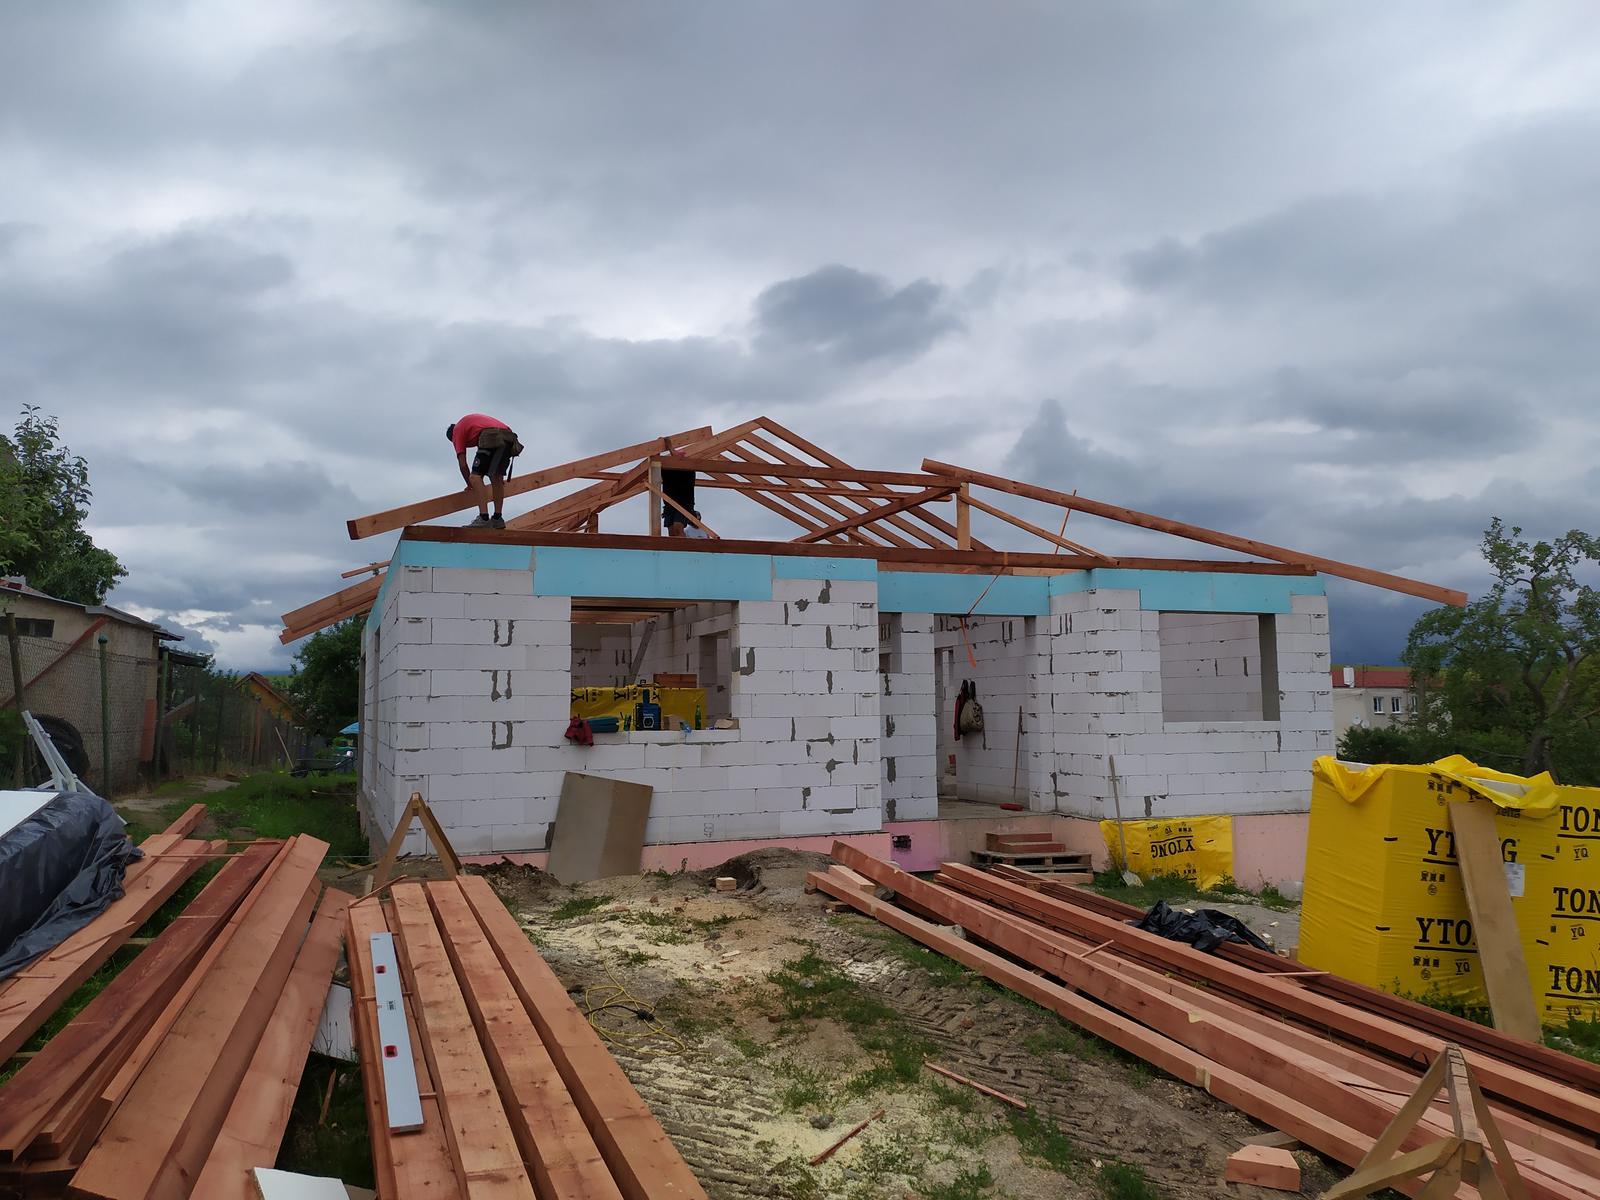 Stavba domu - Svojpomocne 🏠 - Obrázok č. 86